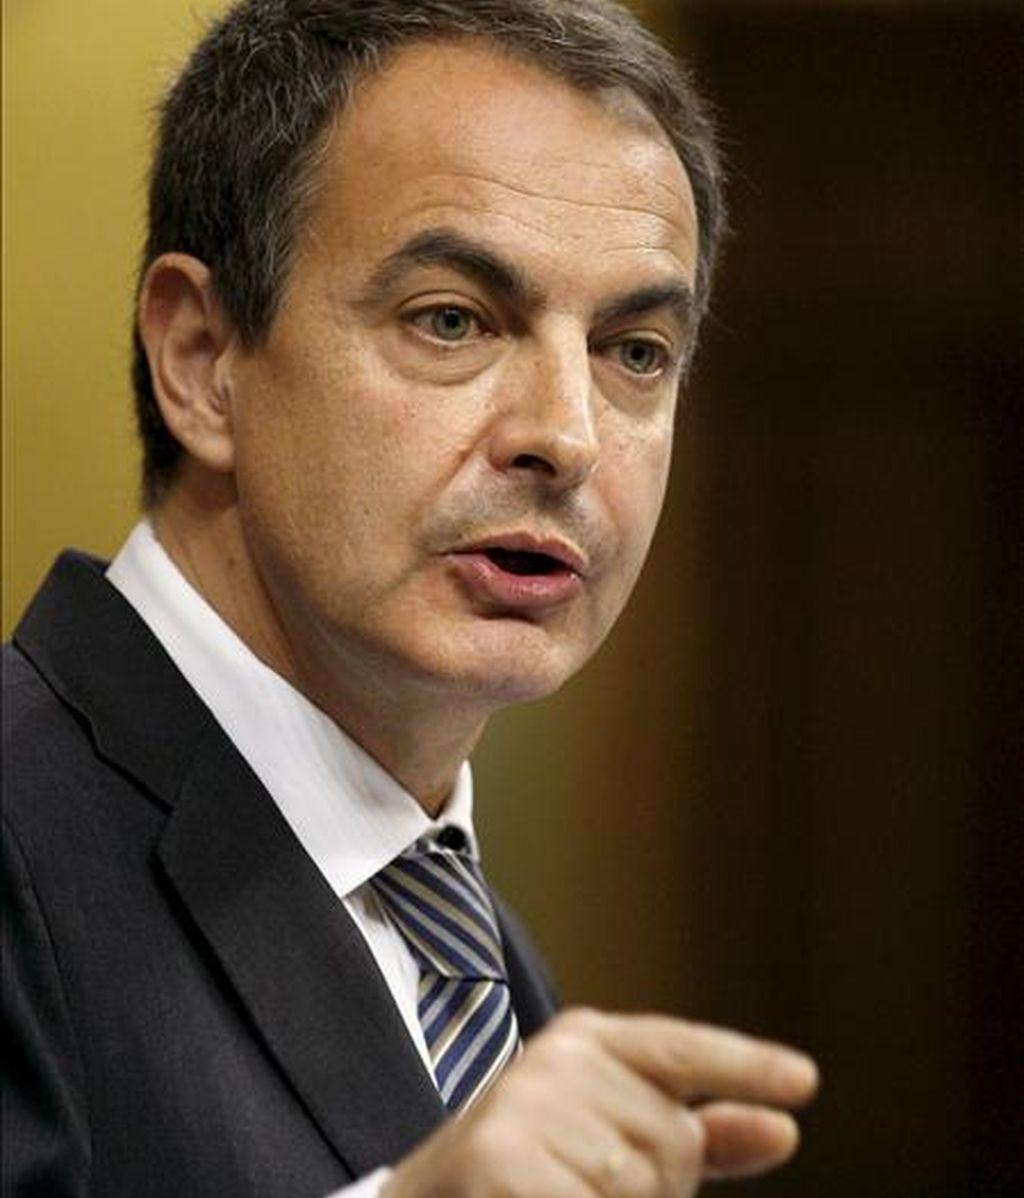 En la imagen, el presidente del Gobierno, José Luis Rodríguez Zapatero, durante su intervención en la sesión de control al Ejecutivo celebrada hoy en el Congreso de los Diputados, donde informó sobre la reciente remodelación del Gobierno EFE